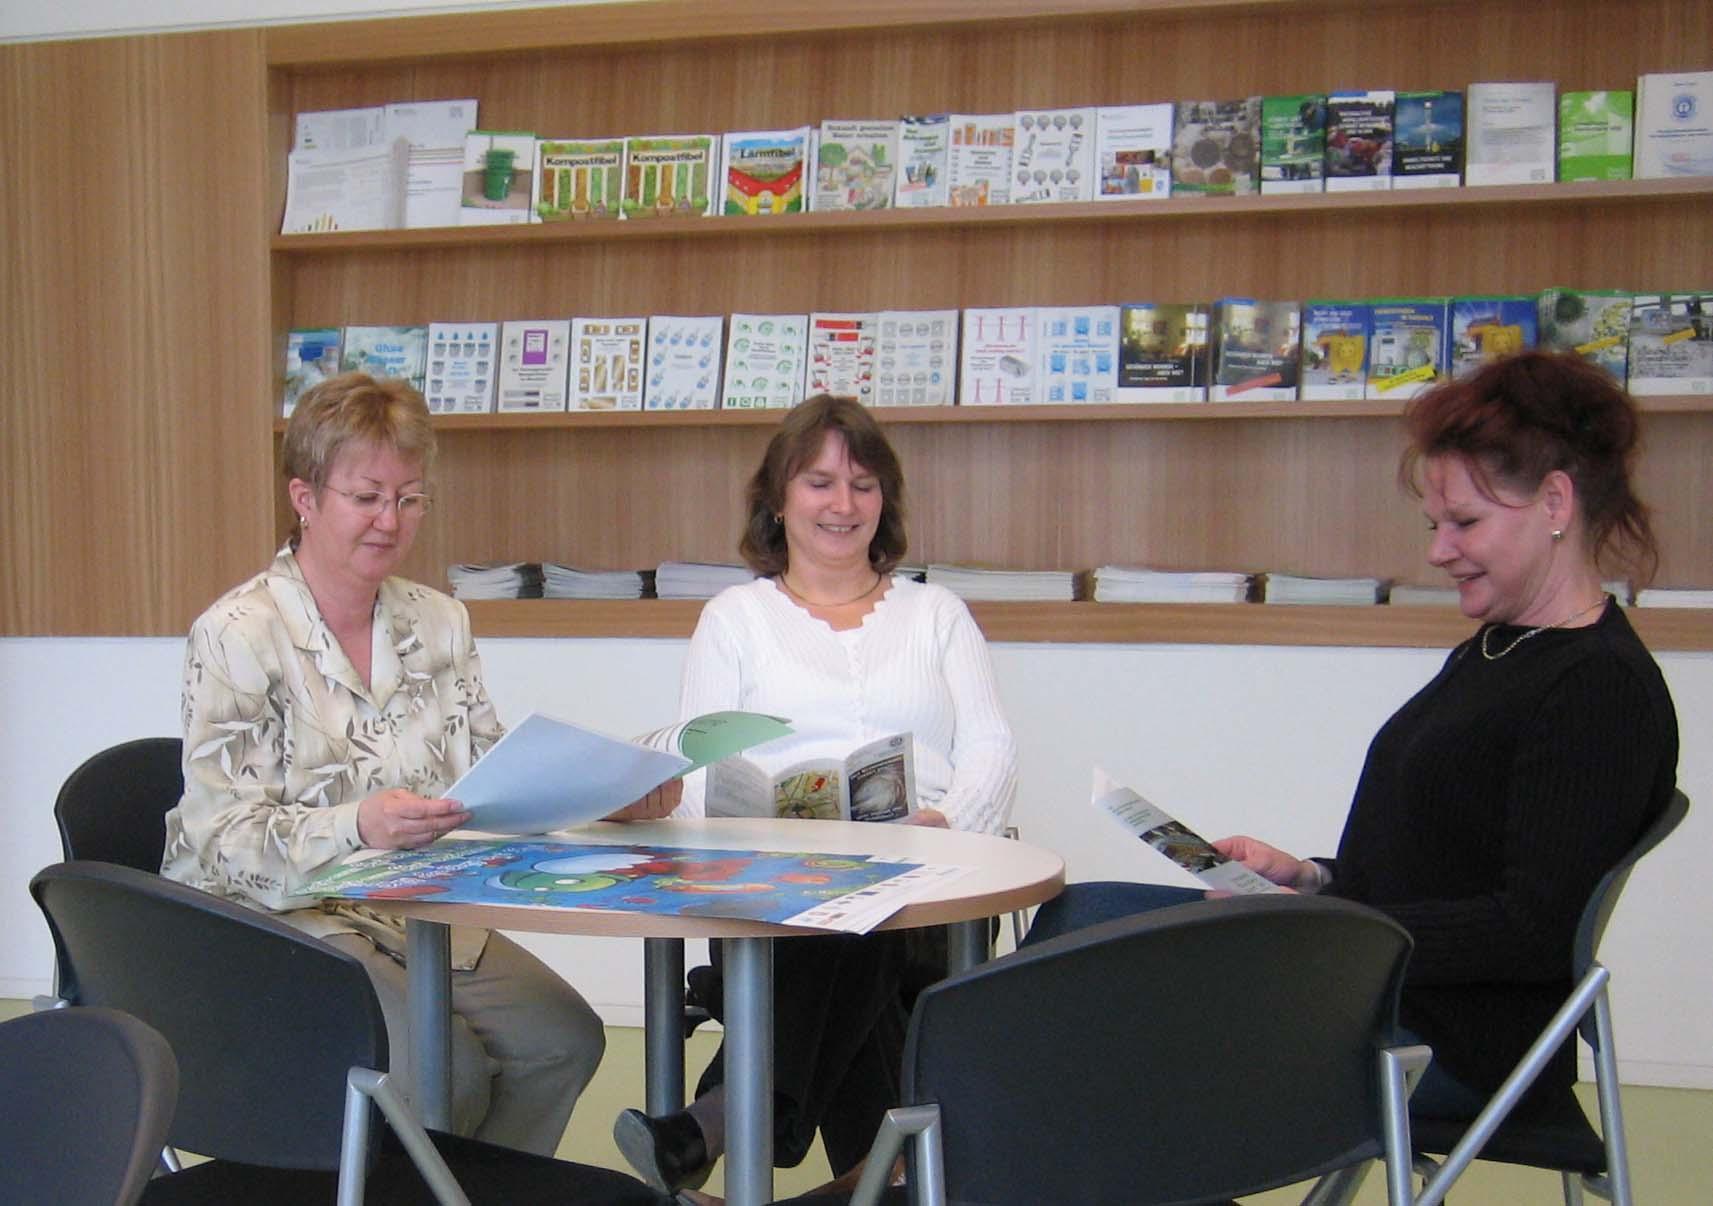 drei Frauen sitzen an einem runden Tisch und schauen Faltblätter und Broschüren an, im Hintergrund ein Regal mit weiteren Faltblättern und Broschüren